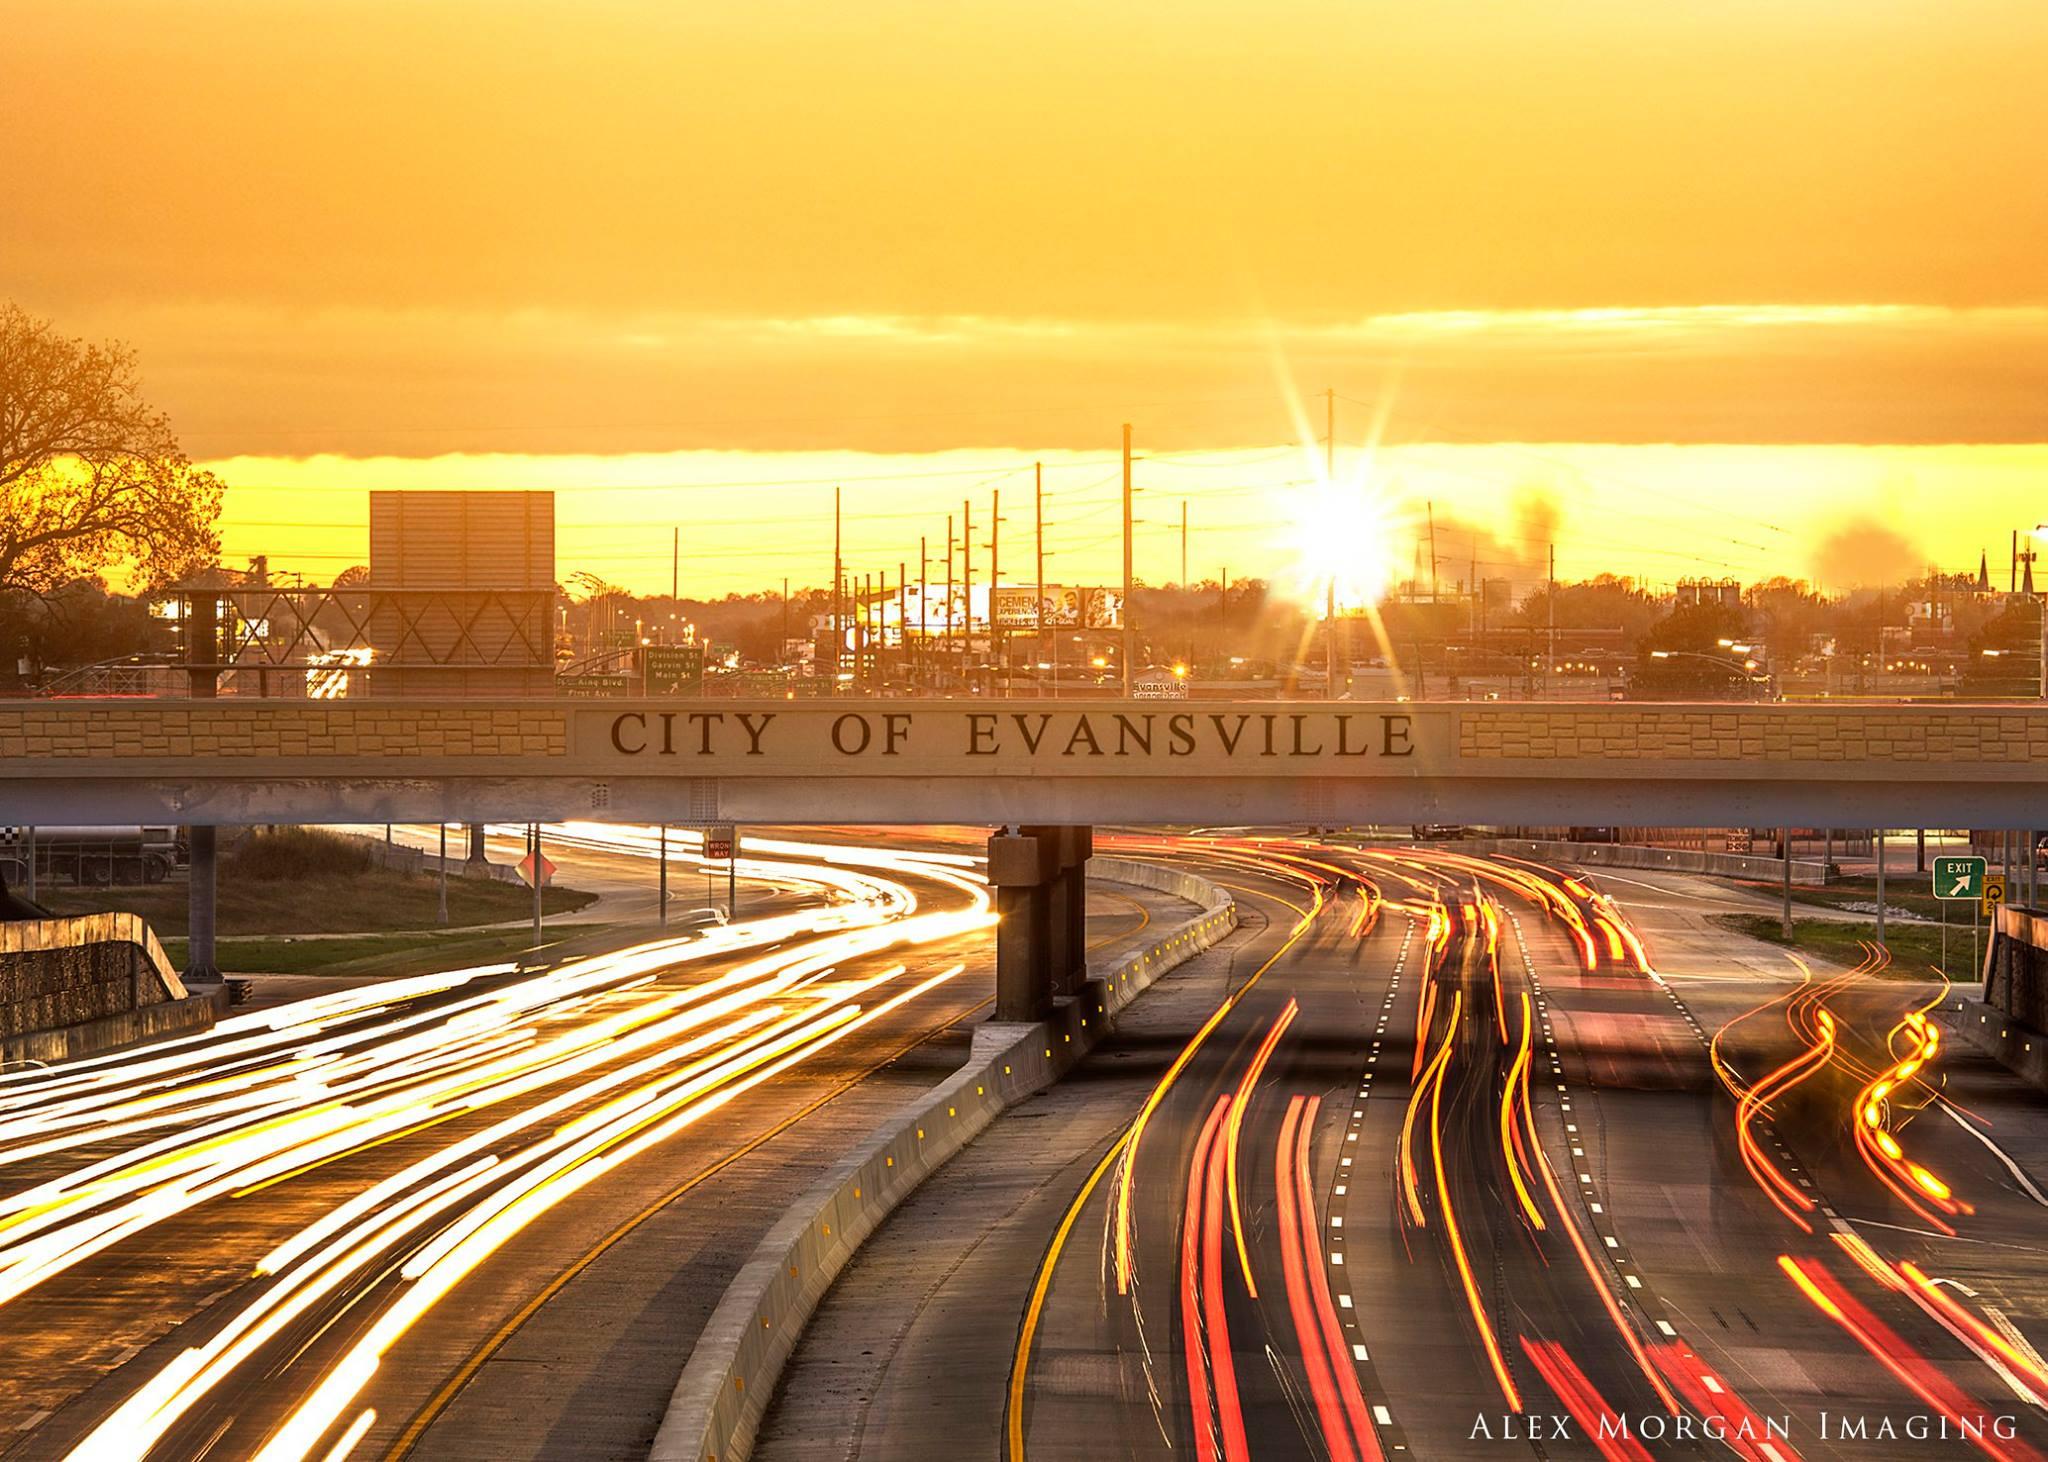 Evansville, Indiana